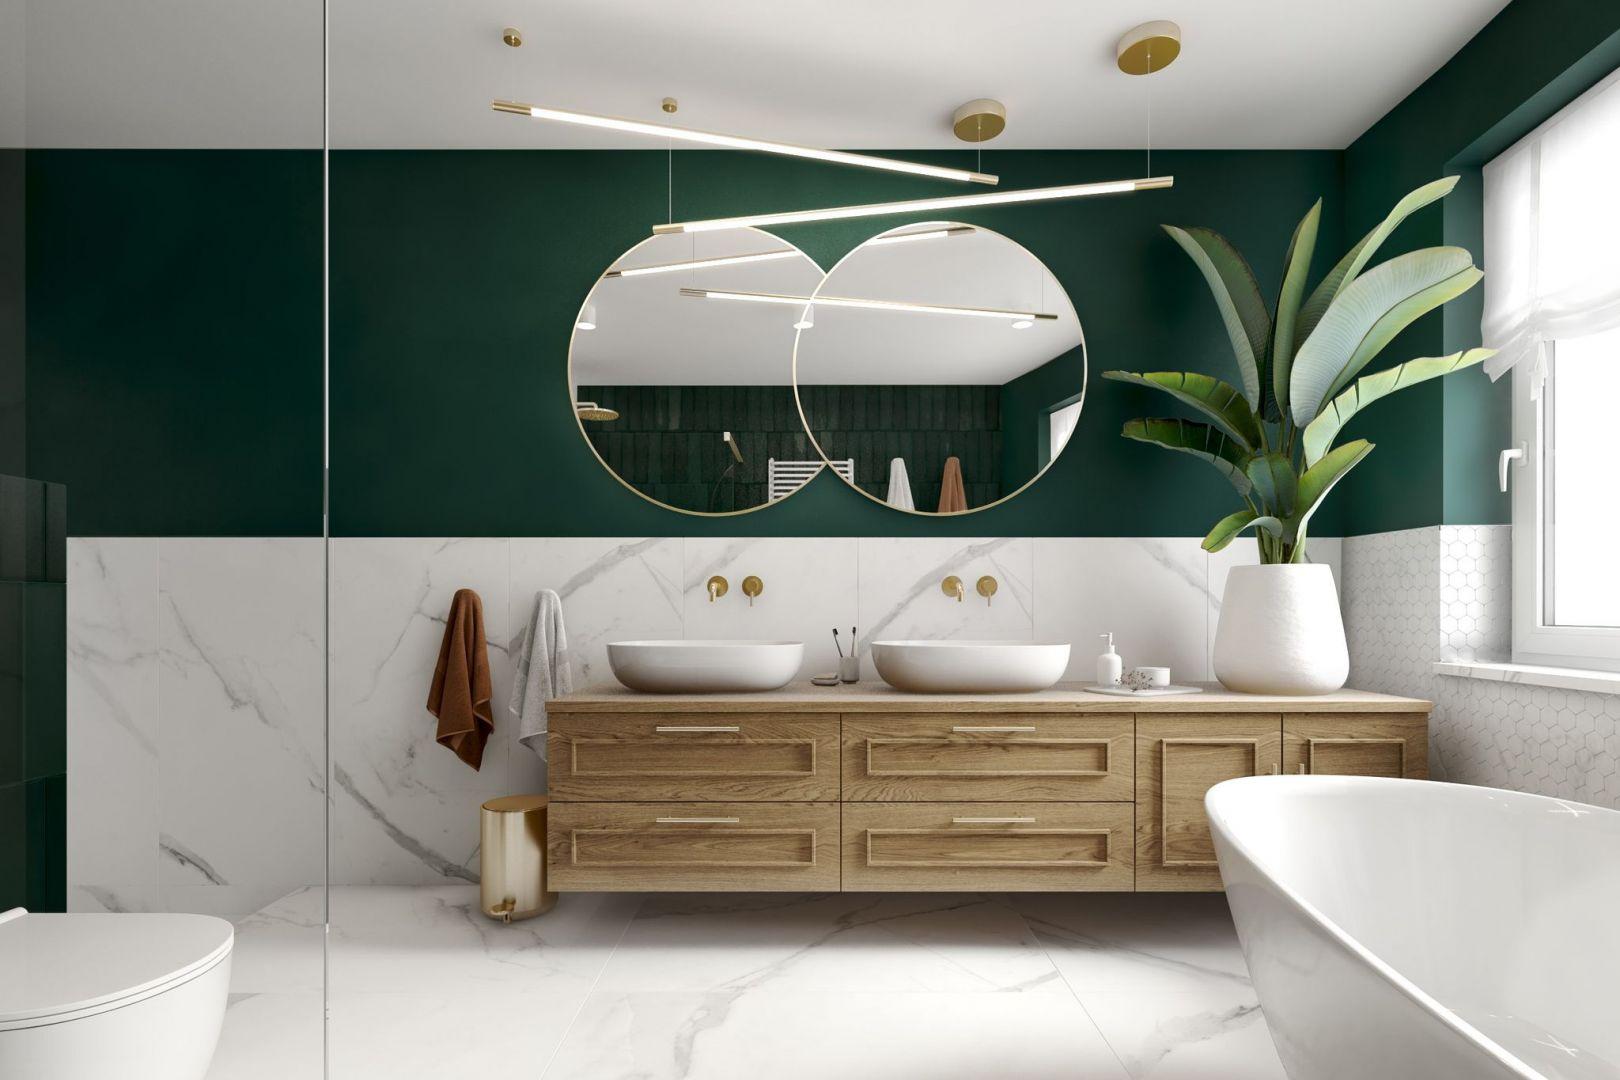 Lustro w łazience - dwa podwójne lustra nad dwiema umywalkami. Projekt: Marta Ogrodowczyk-Trepczyńska, Marta Piórkowska, Oktawia Rusin. Wizualizacje: Elżbieta Paćkowska